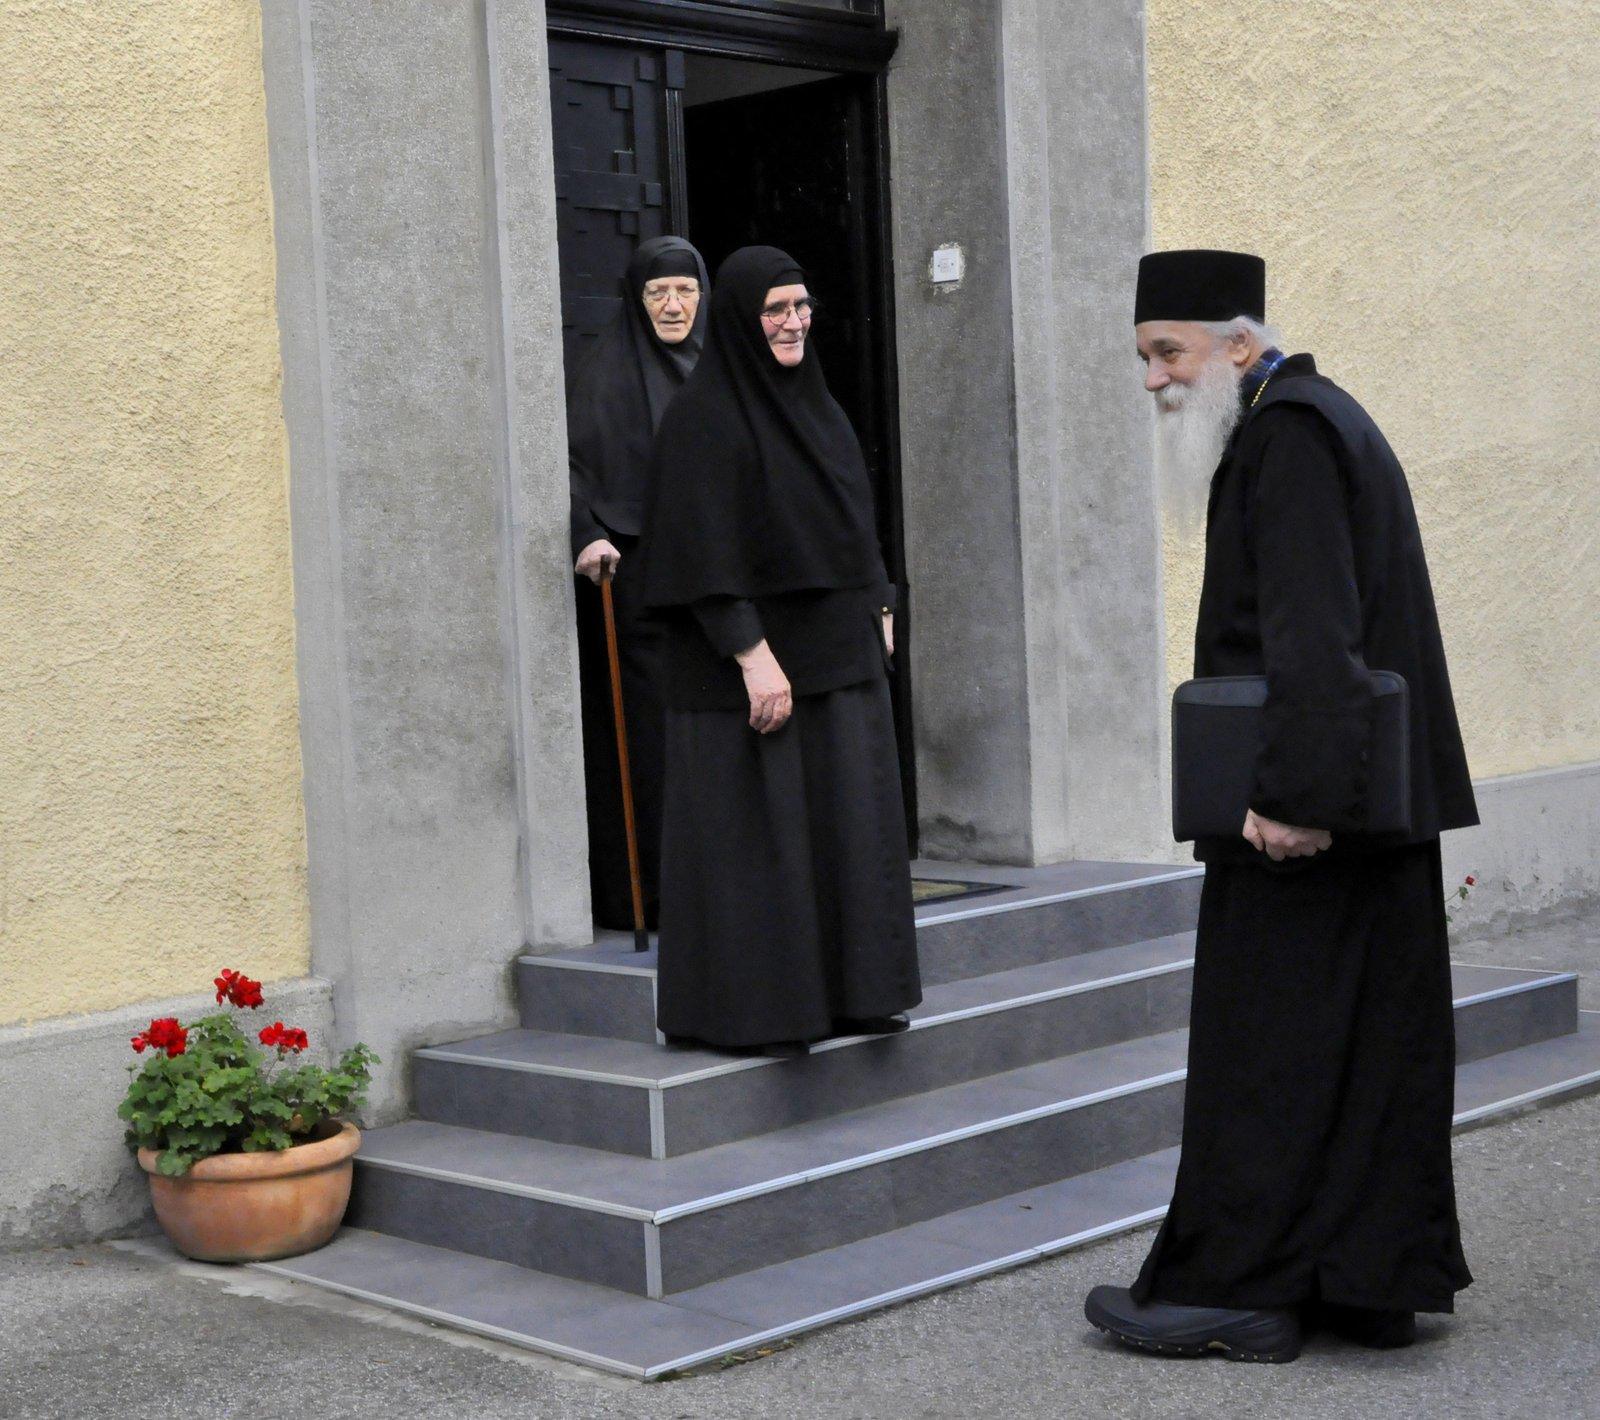 отац Гаврило испред конака манастира Ваведење у Београду са мати Серафимом и мати Михаилом